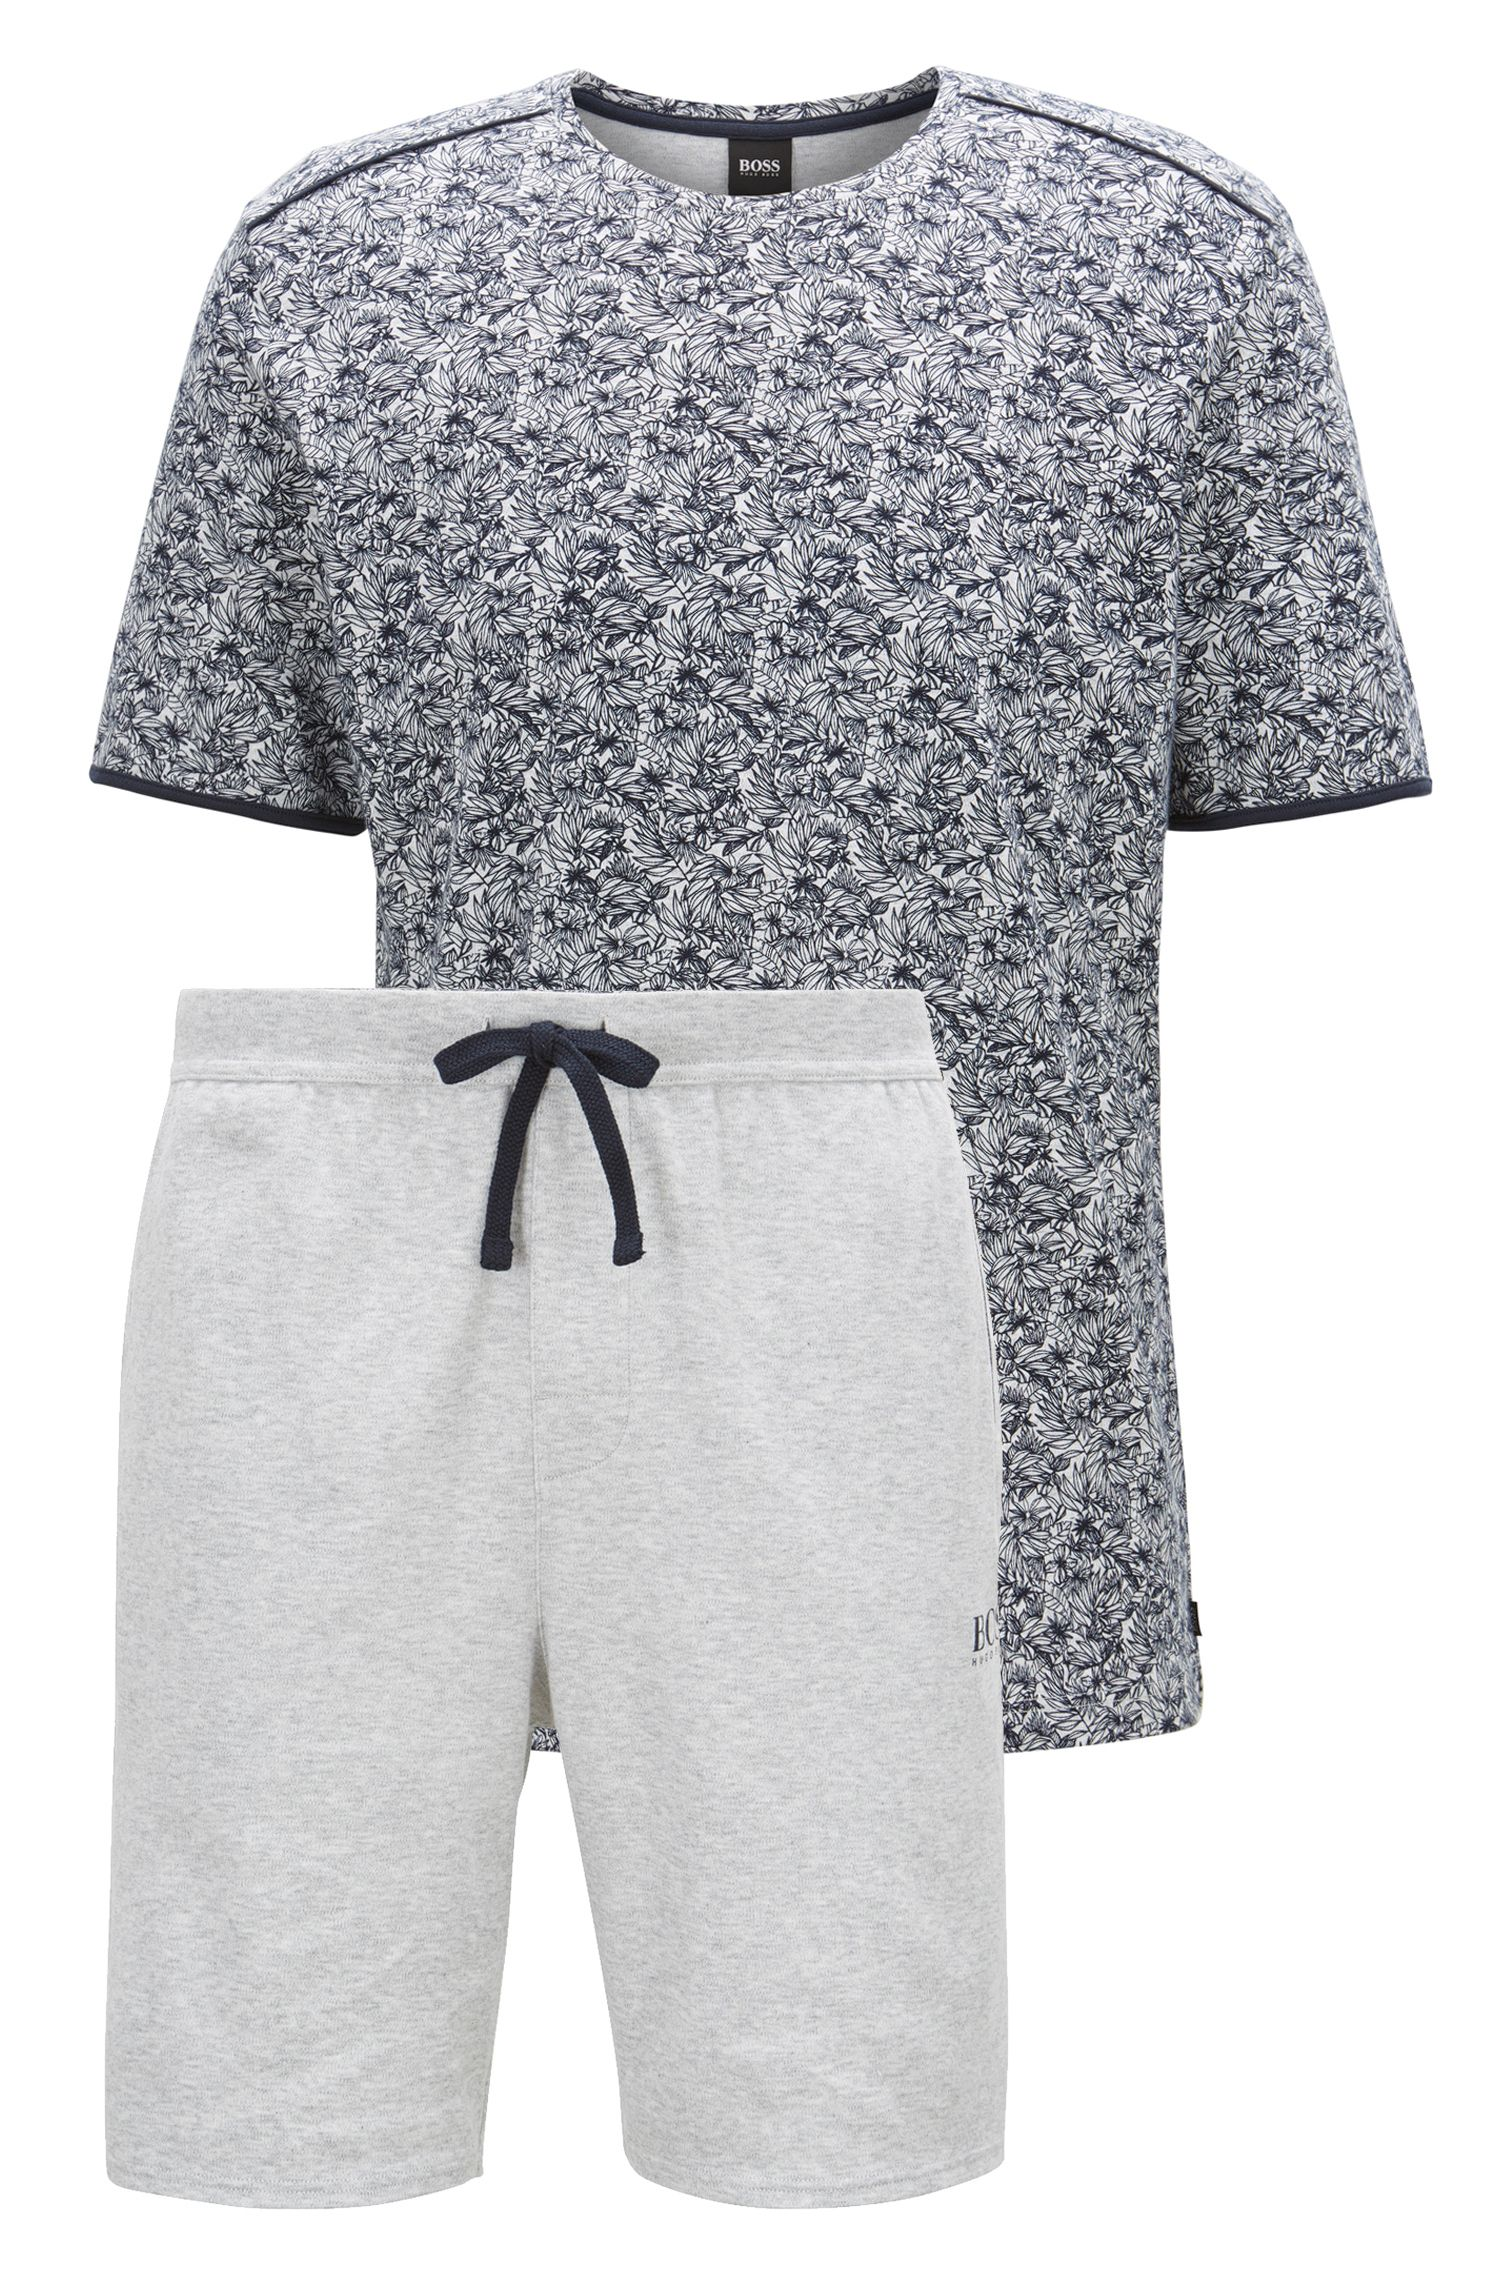 Pyjama en coton interlock à imprimé floral, Bleu foncé